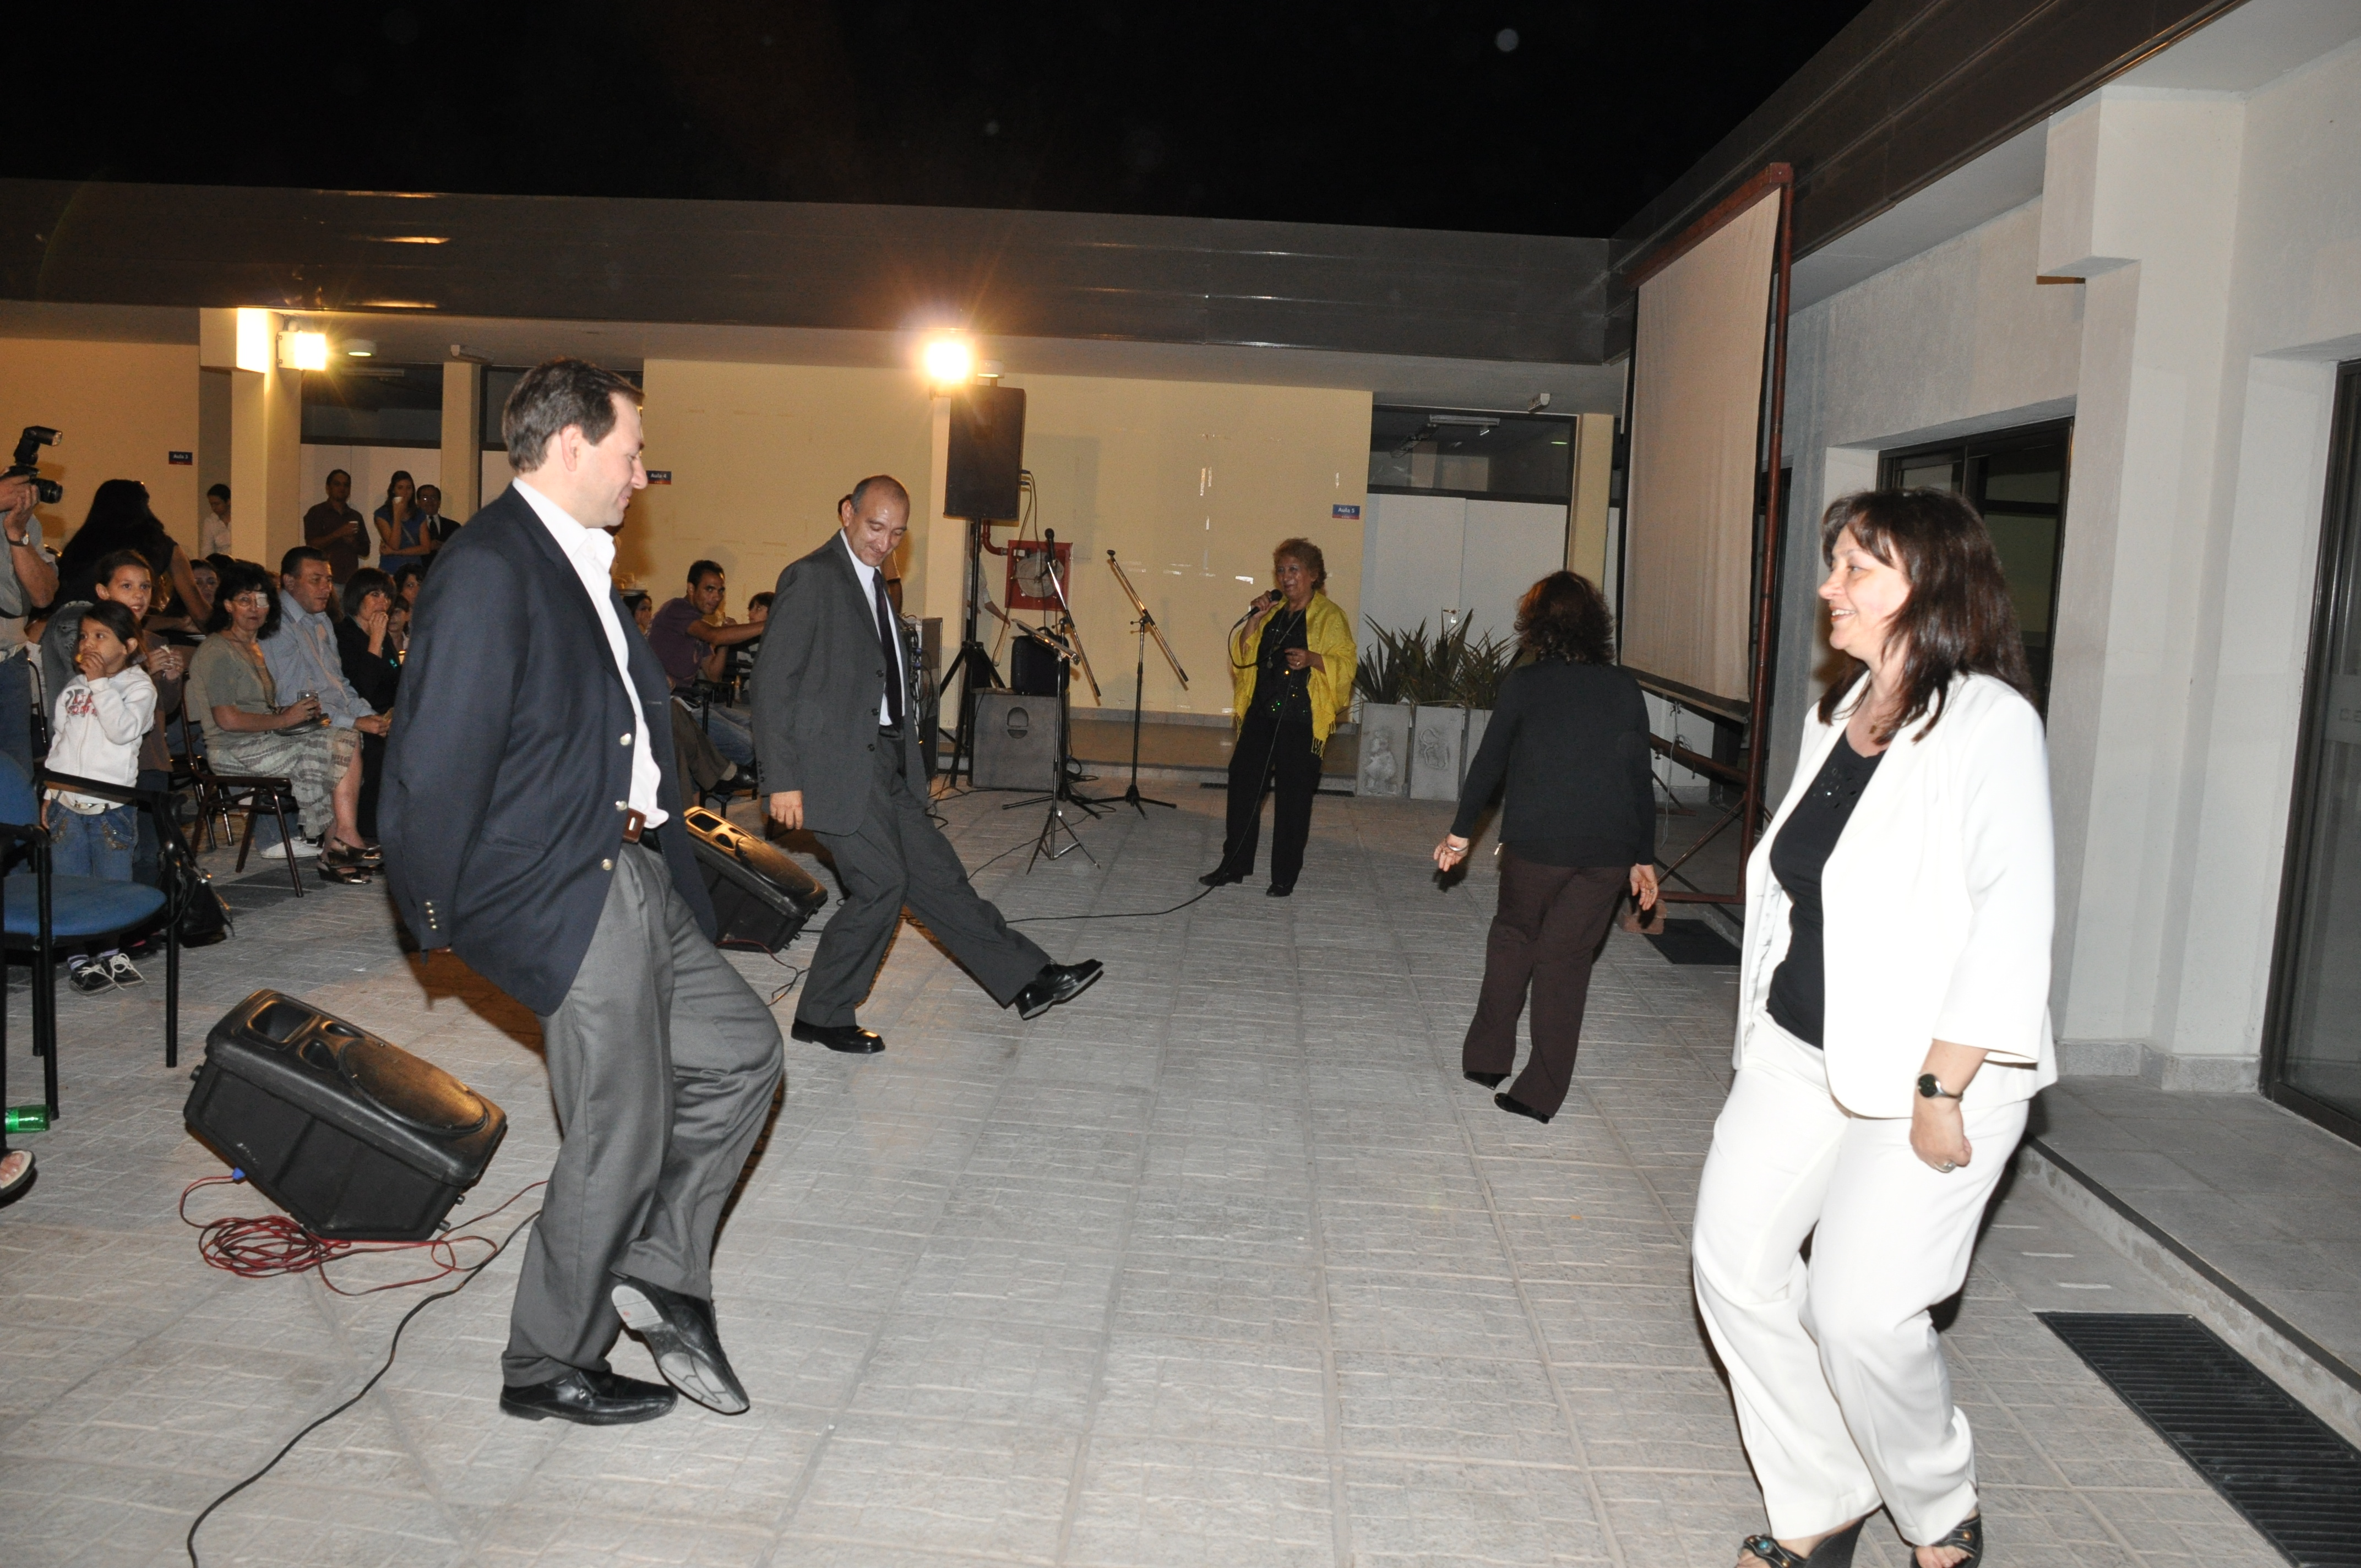 El Sr. Intendente y el Sr. Rector bailando chacarera en la inauguración del IES